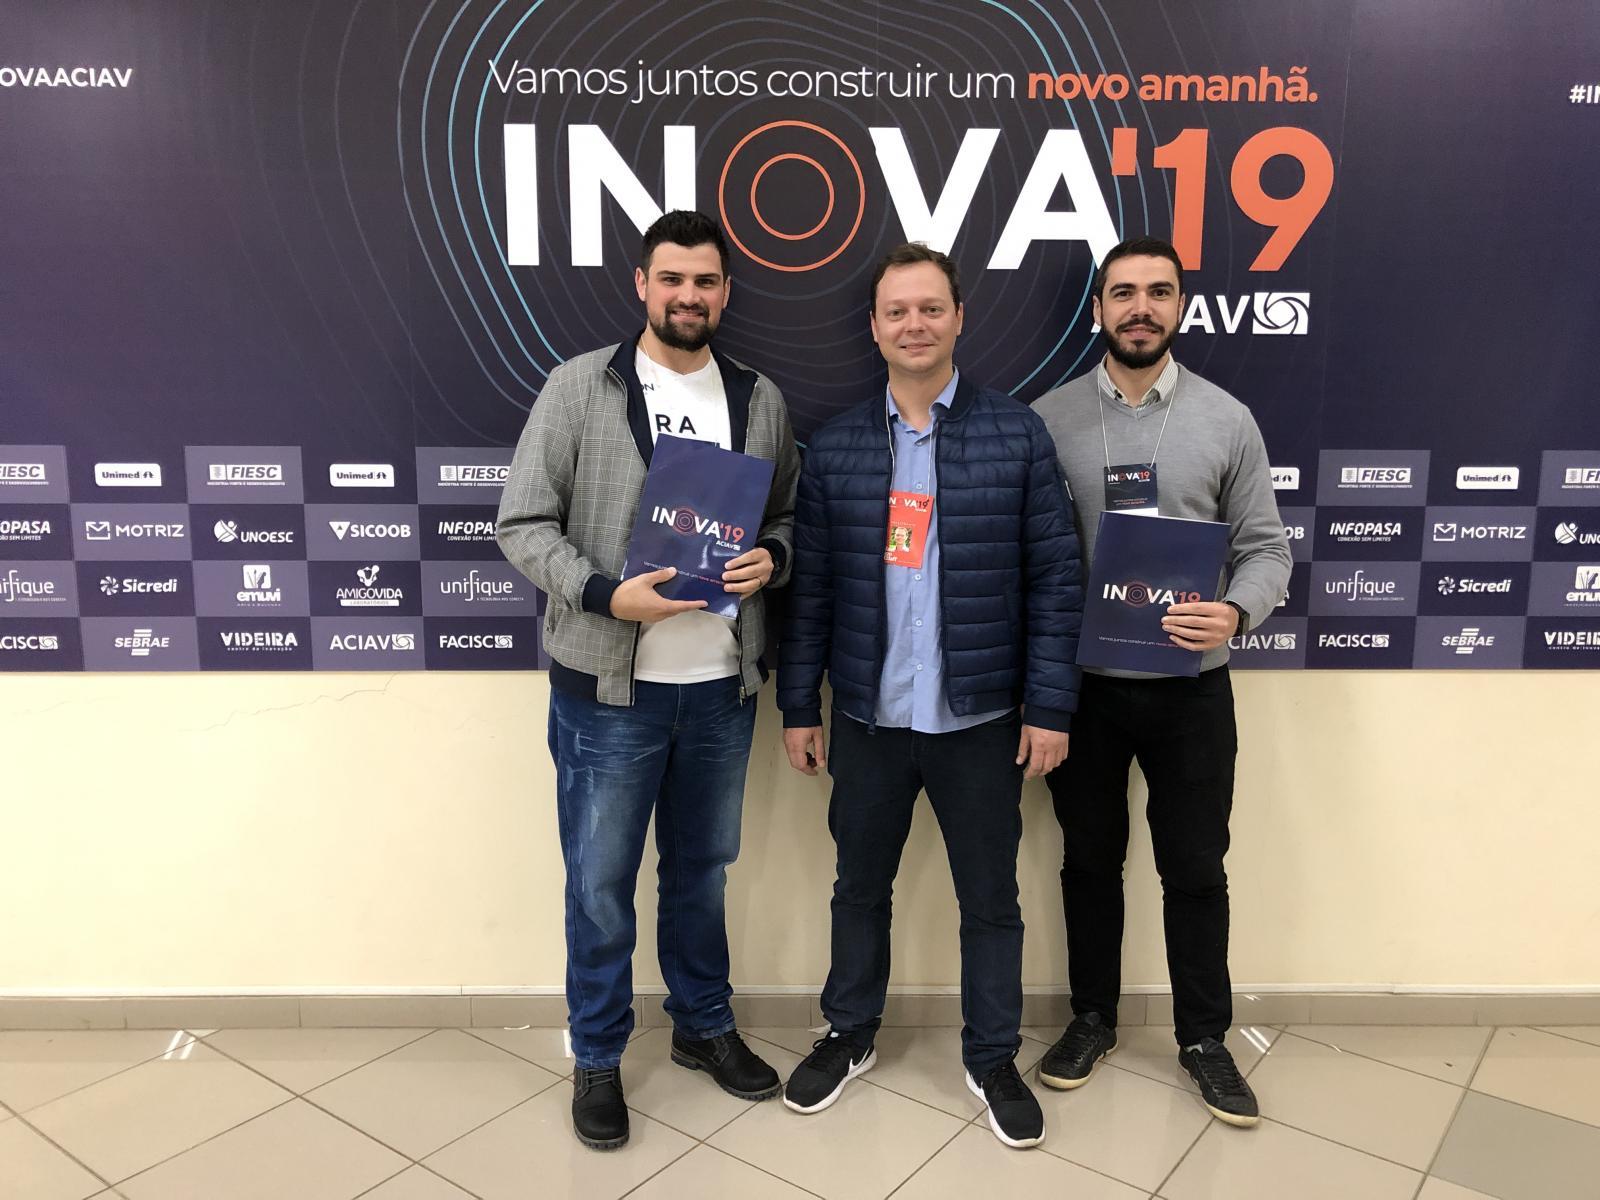 Inovale e ACIOC participam do Inova'19 em Videira